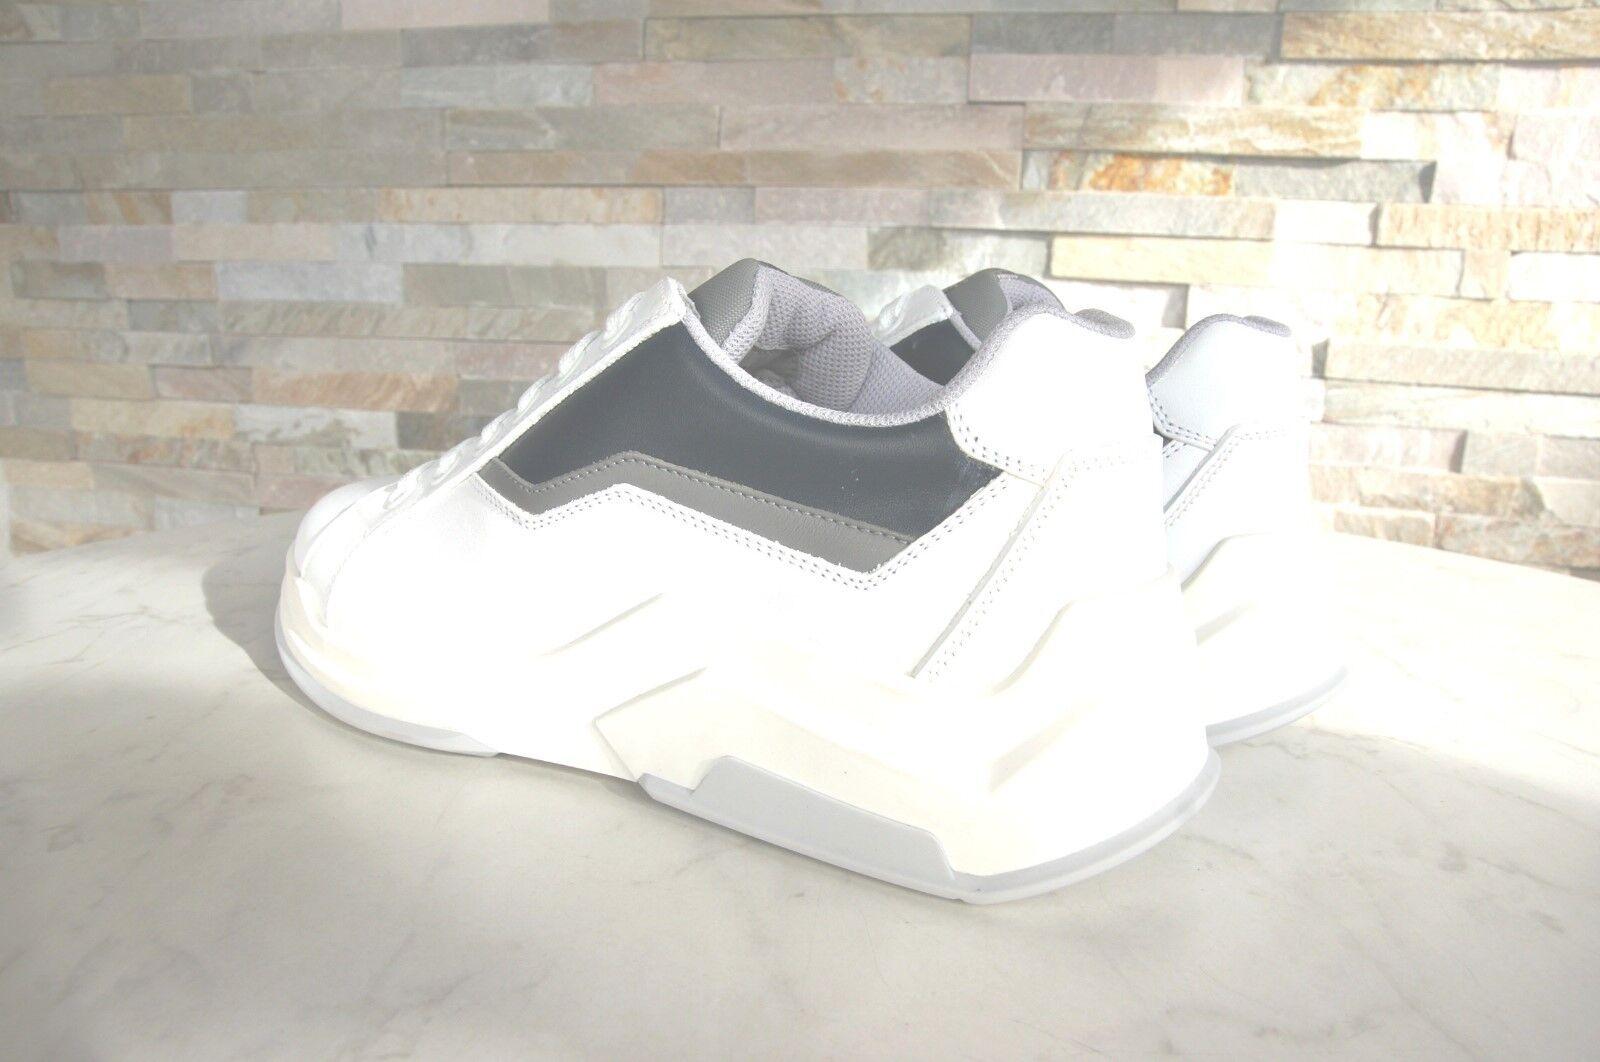 Luxus PRADA Gr 39 5 Herren Turnschuhe Schuhe weiß weiß weiß